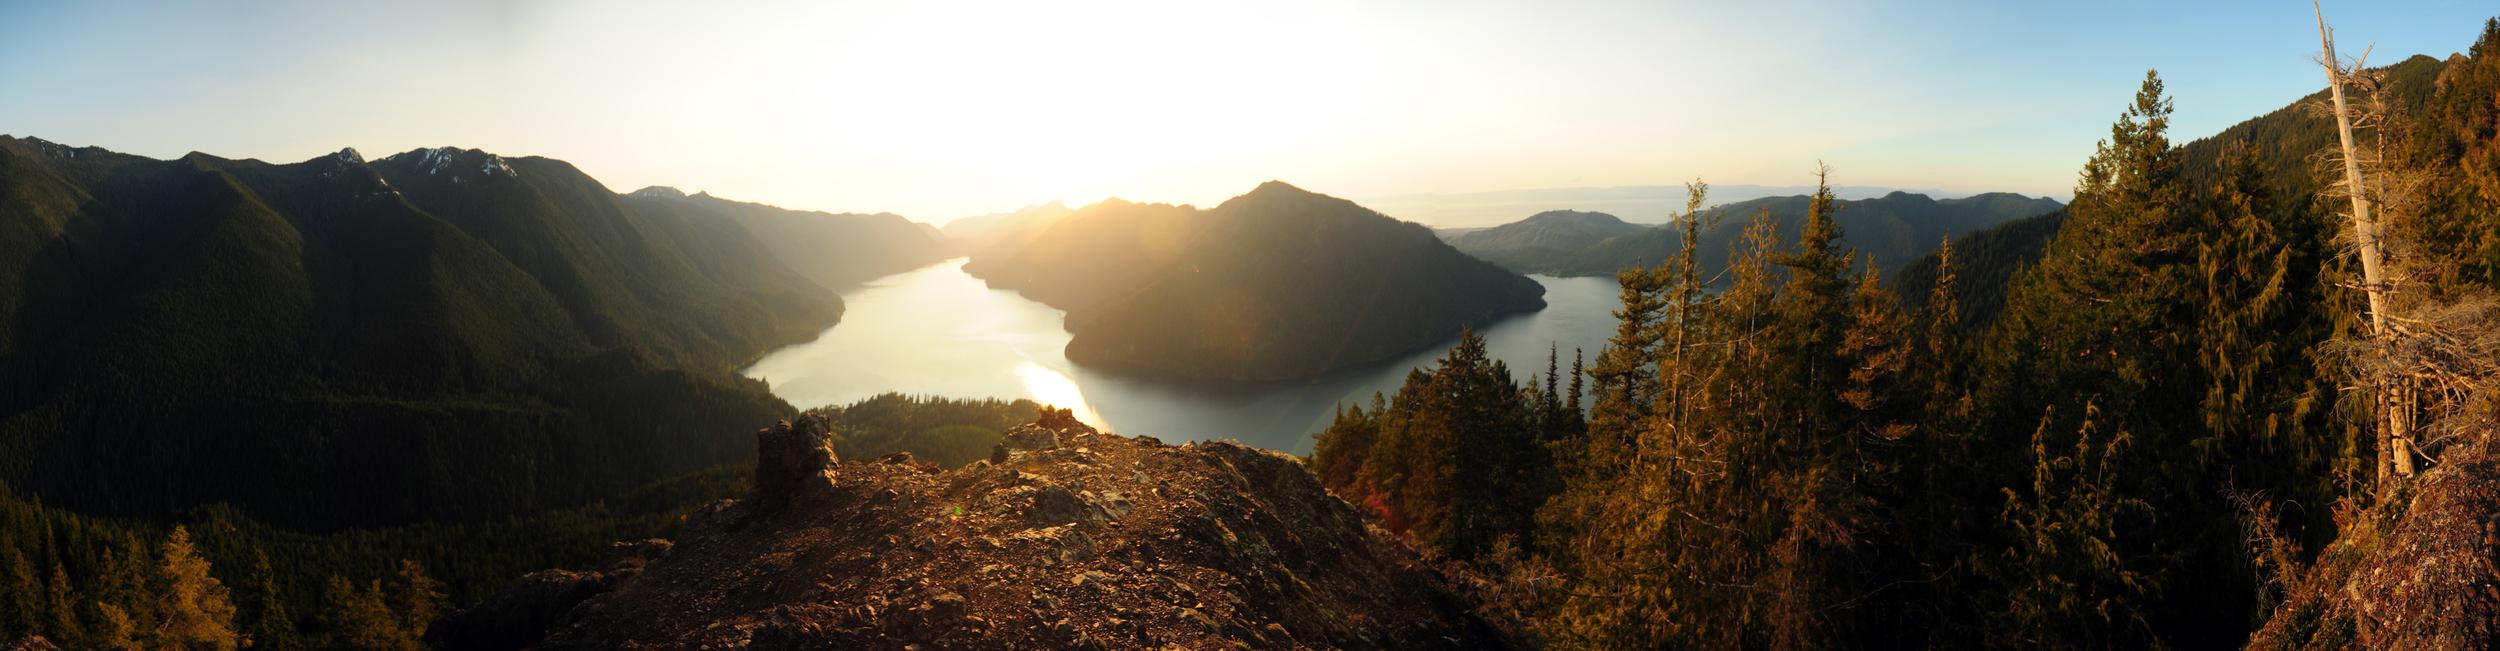 Top of Mount Storm King 1 uncrop fix.jpg